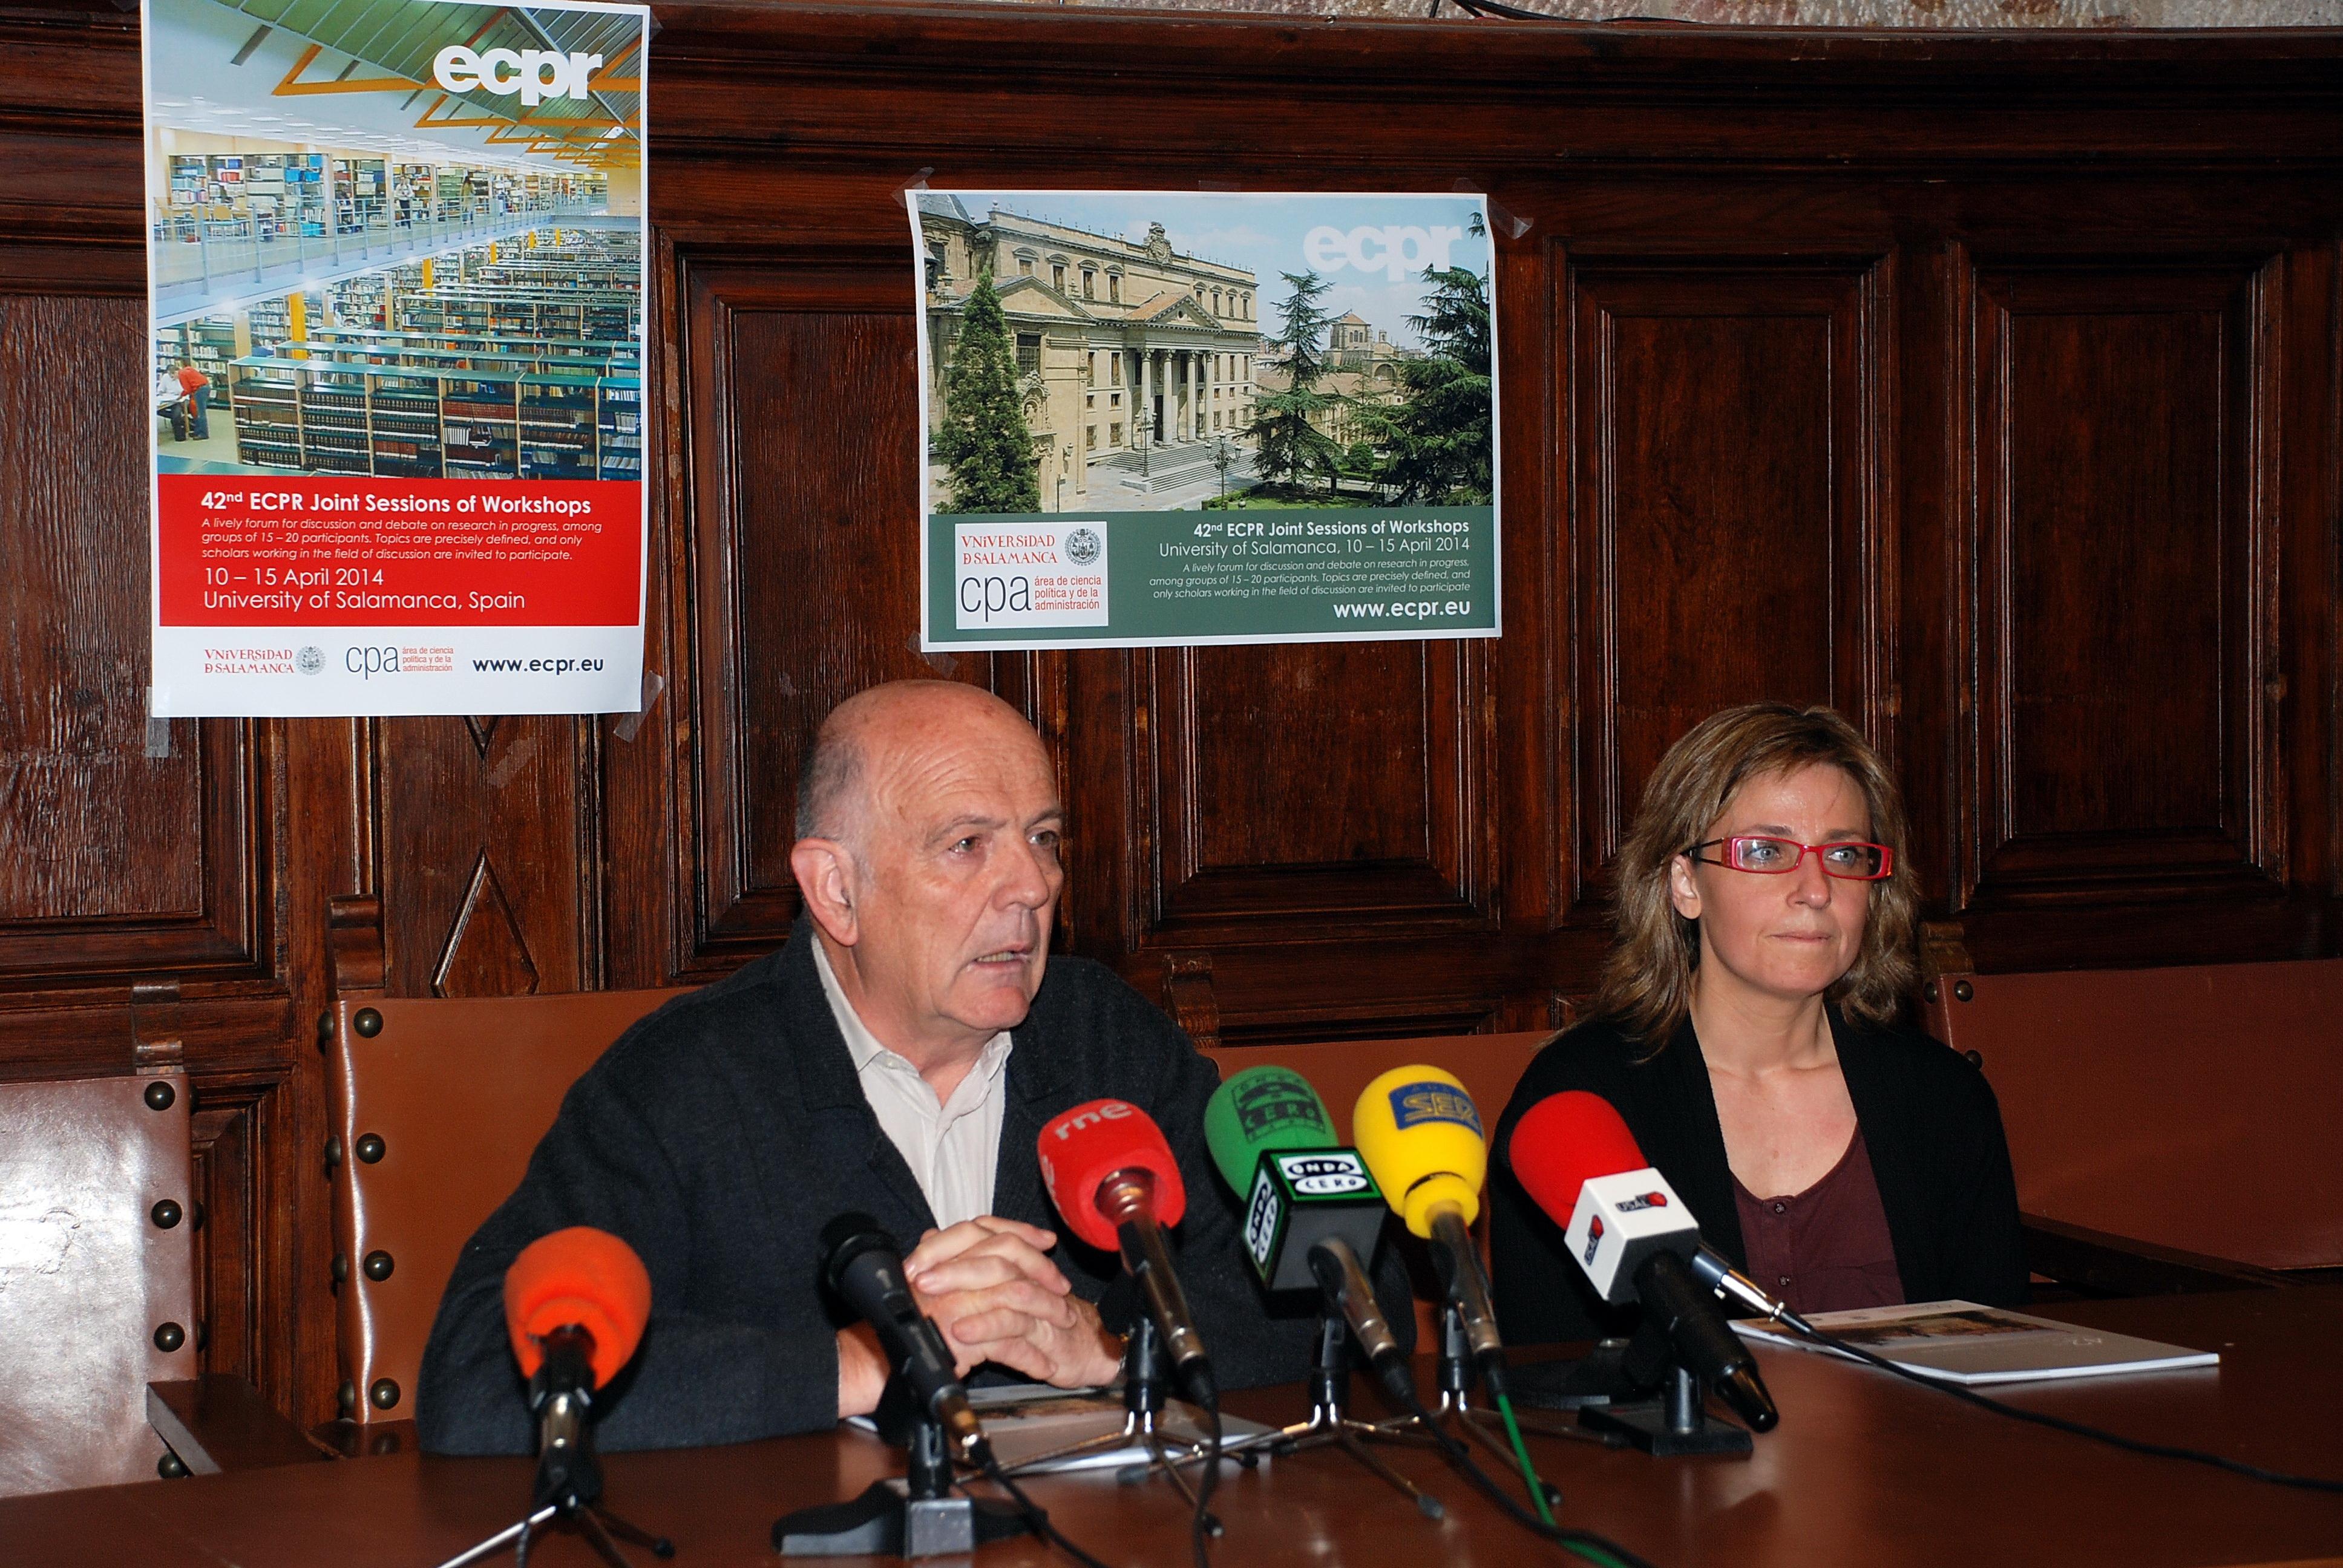 Rueda de prensa: El catedrático Manuel Alcántara presenta el programa del congreso europeo de la Asociación Europea de Ciencia Política, que reunirá en la Universidad a más de 600 politólogos internacionales de primer orden